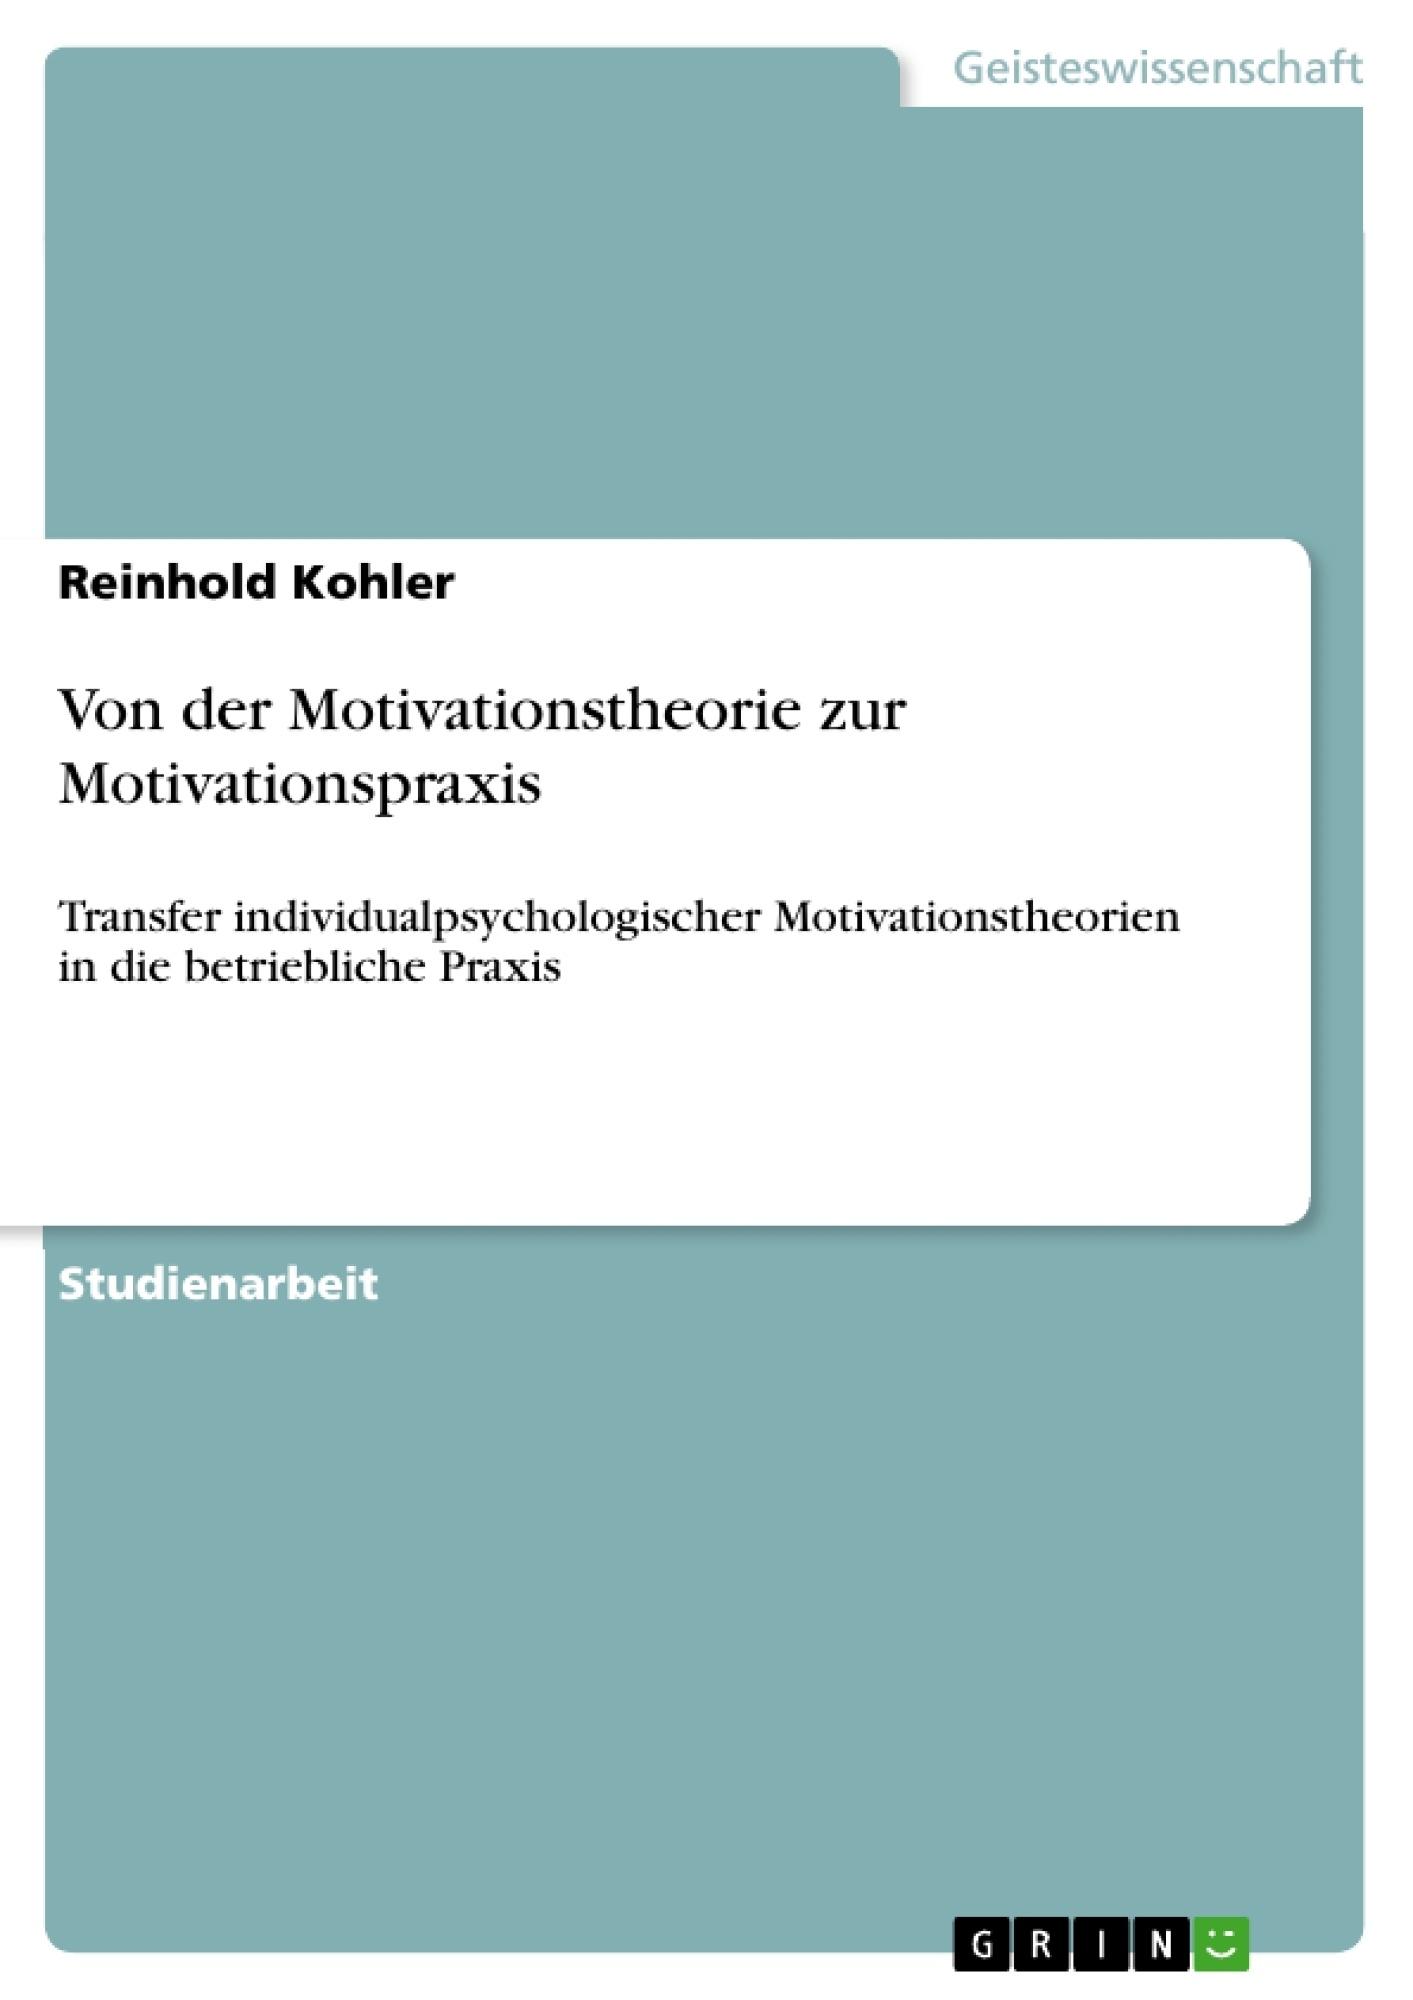 Titel: Von der Motivationstheorie zur Motivationspraxis